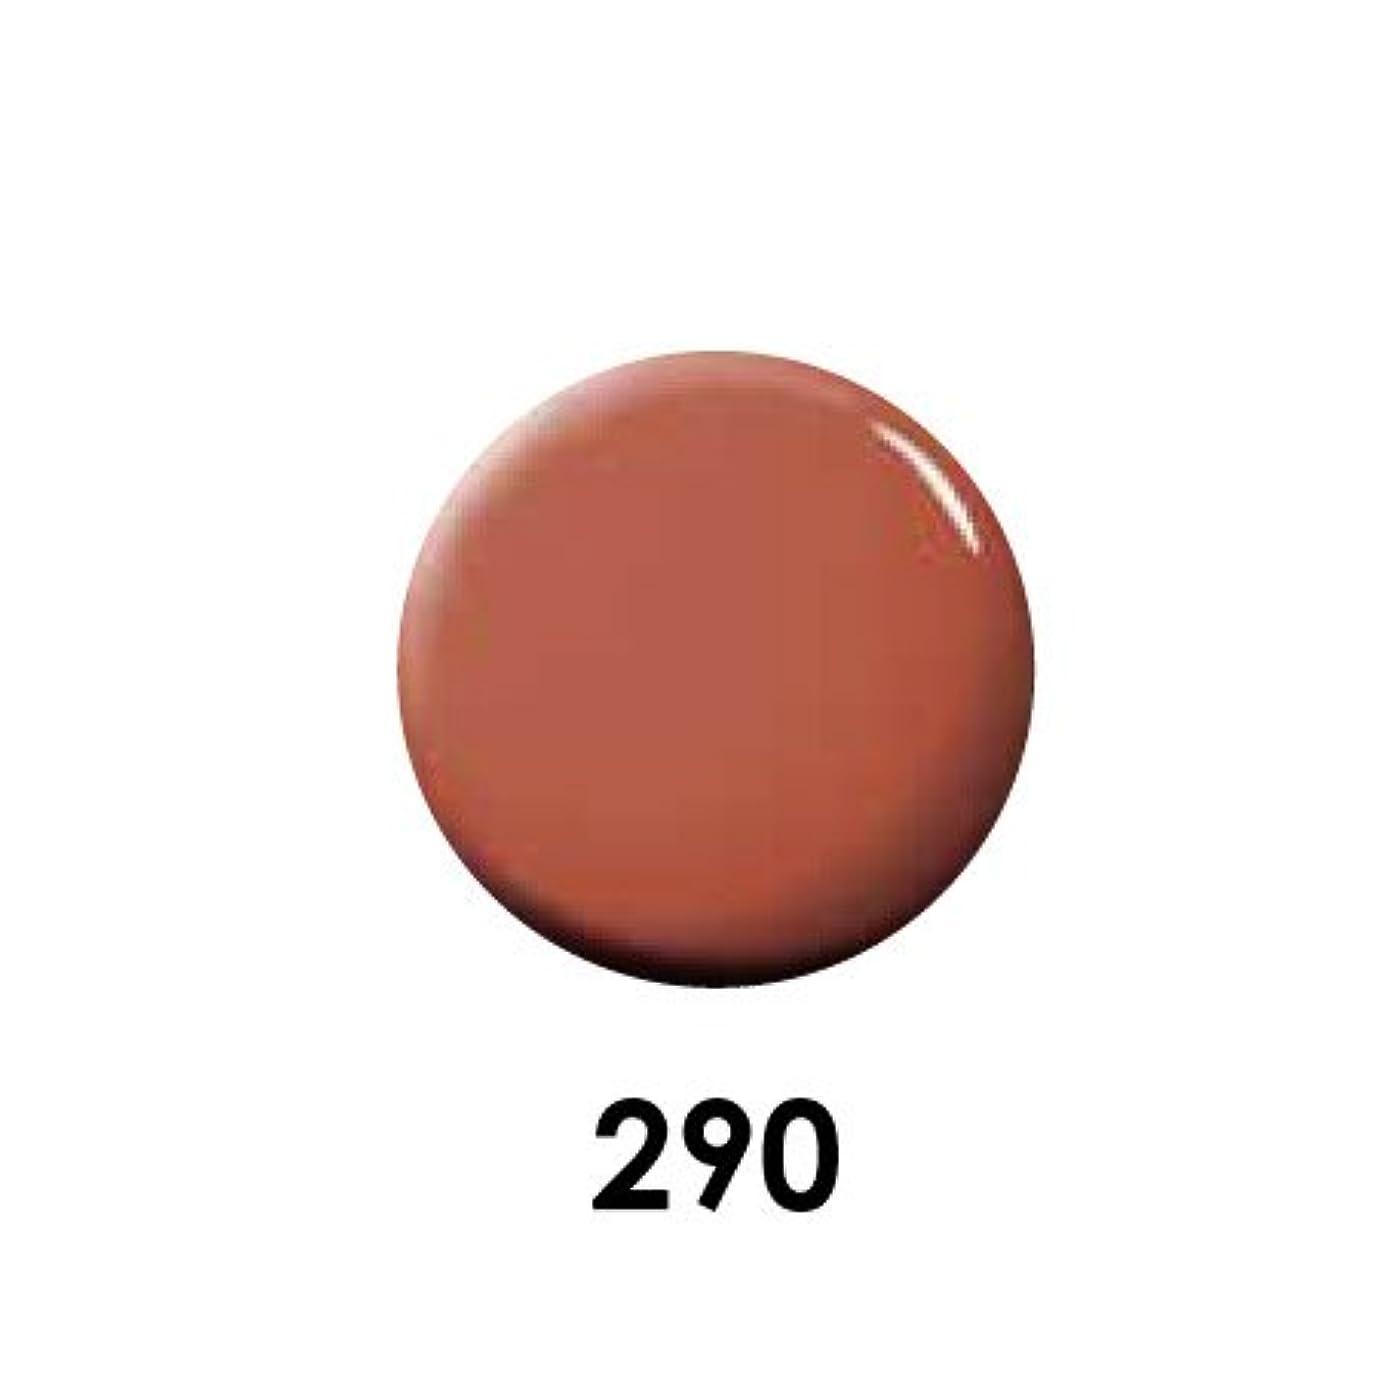 乱す長々と残るPutiel プティール カラージェル 290 レッドソイル 4g (MARIEプロデュース)